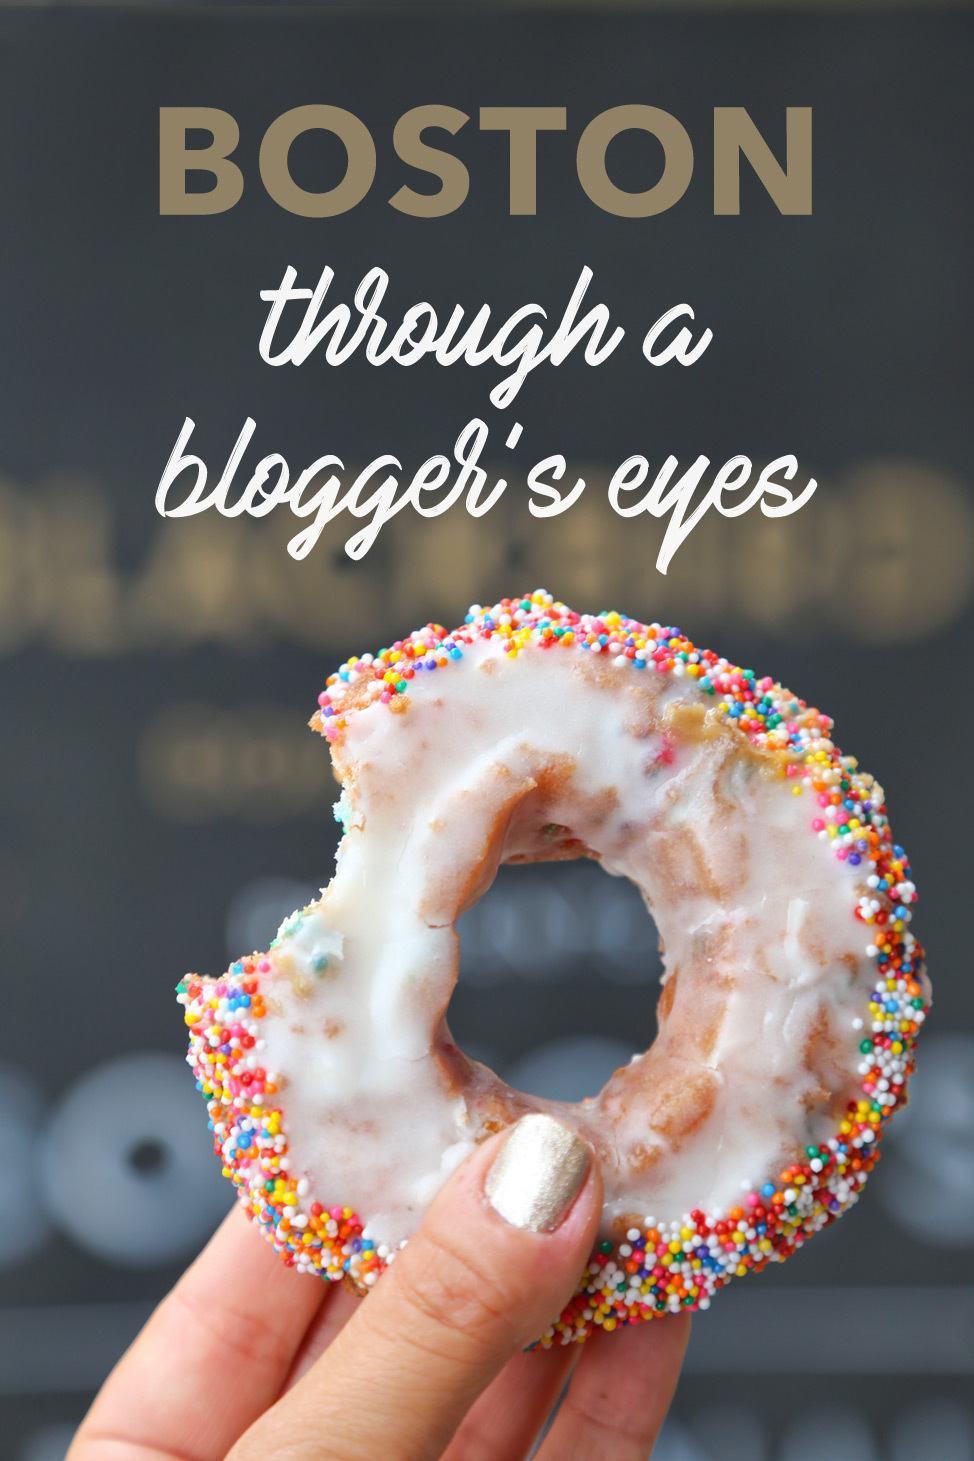 Boston through a Blogger's Eyes